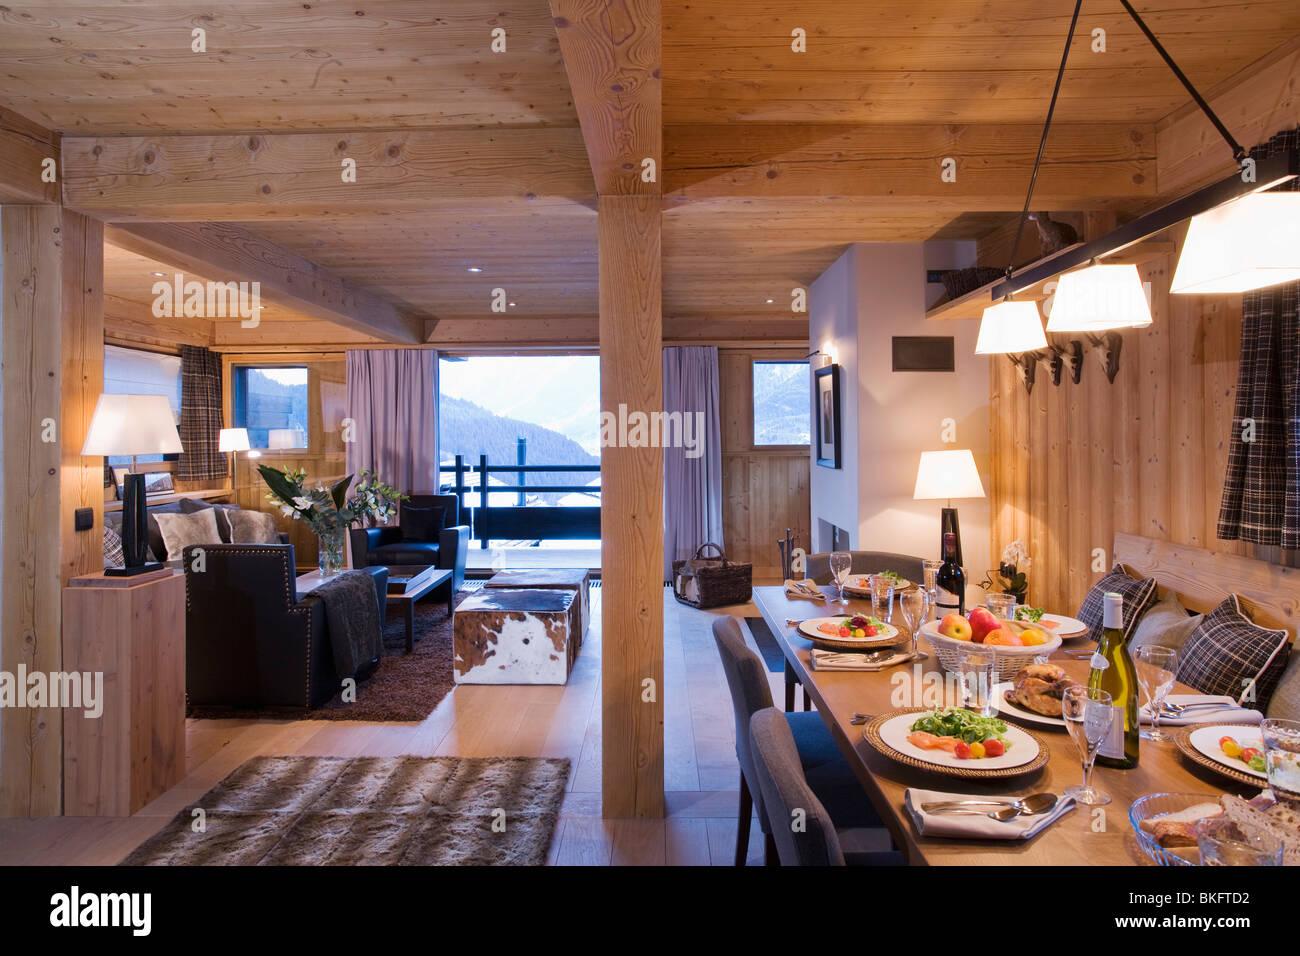 Alpine Chalet Interior Stockfotos & Alpine Chalet Interior Bilder ...